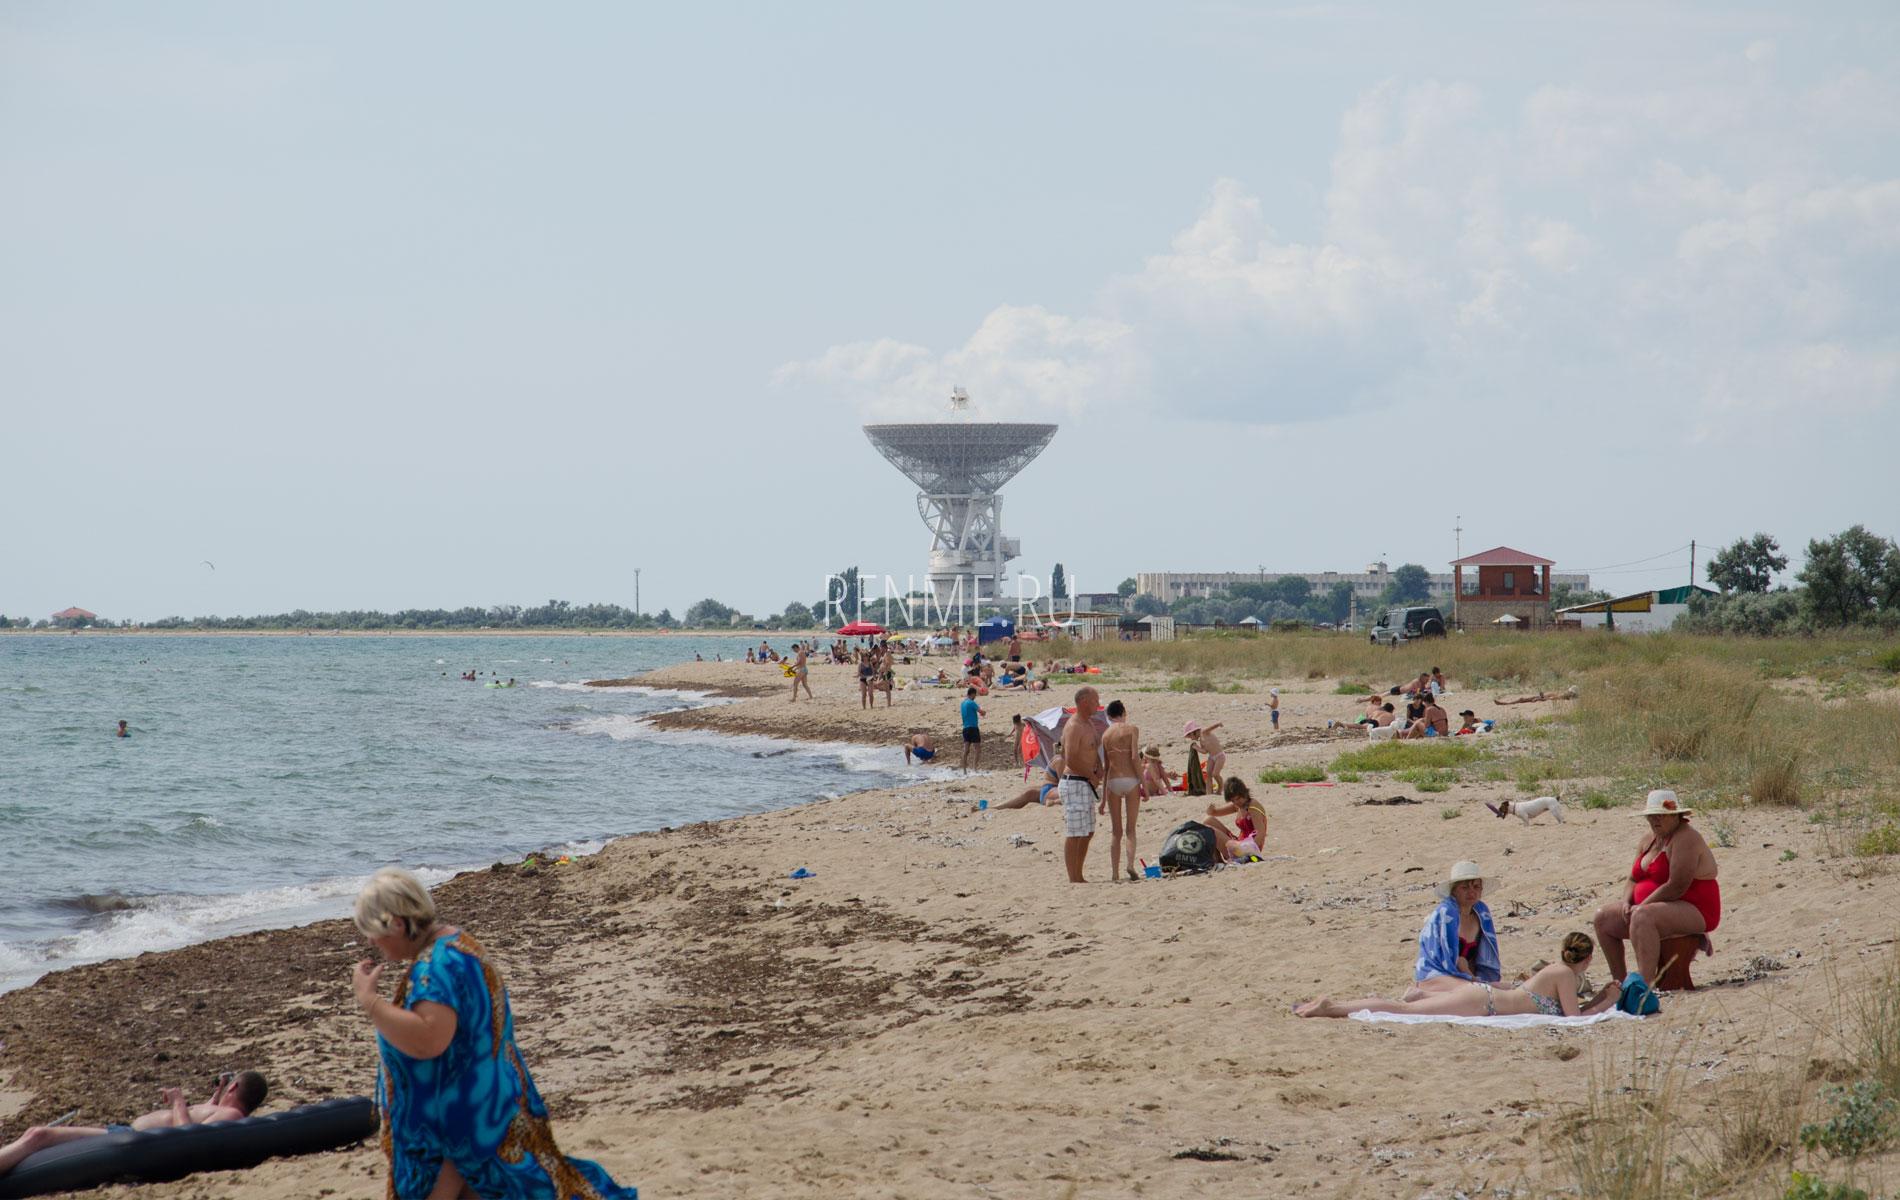 Cемейный дикий пляж. Фото Заозёрного